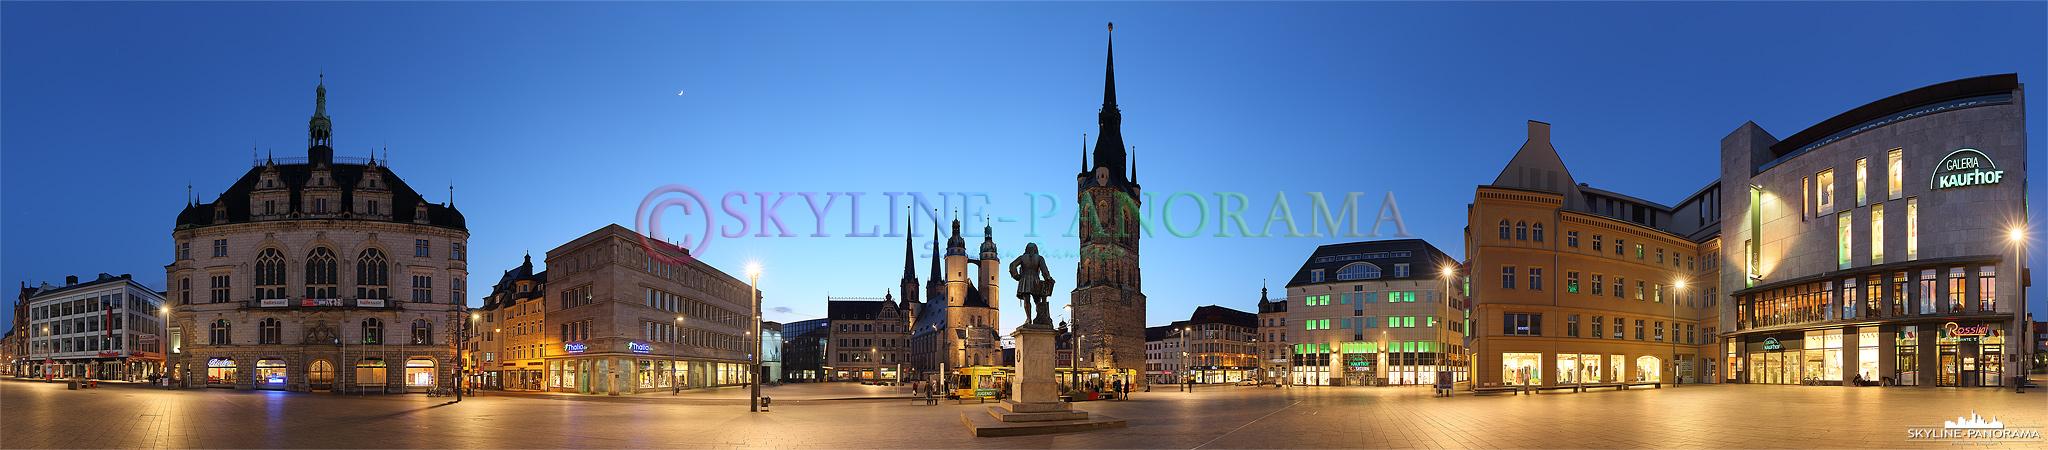 Bilder Halle Saale - Der abendlich beleuchtete Marktplatz von Halle an der Saale.